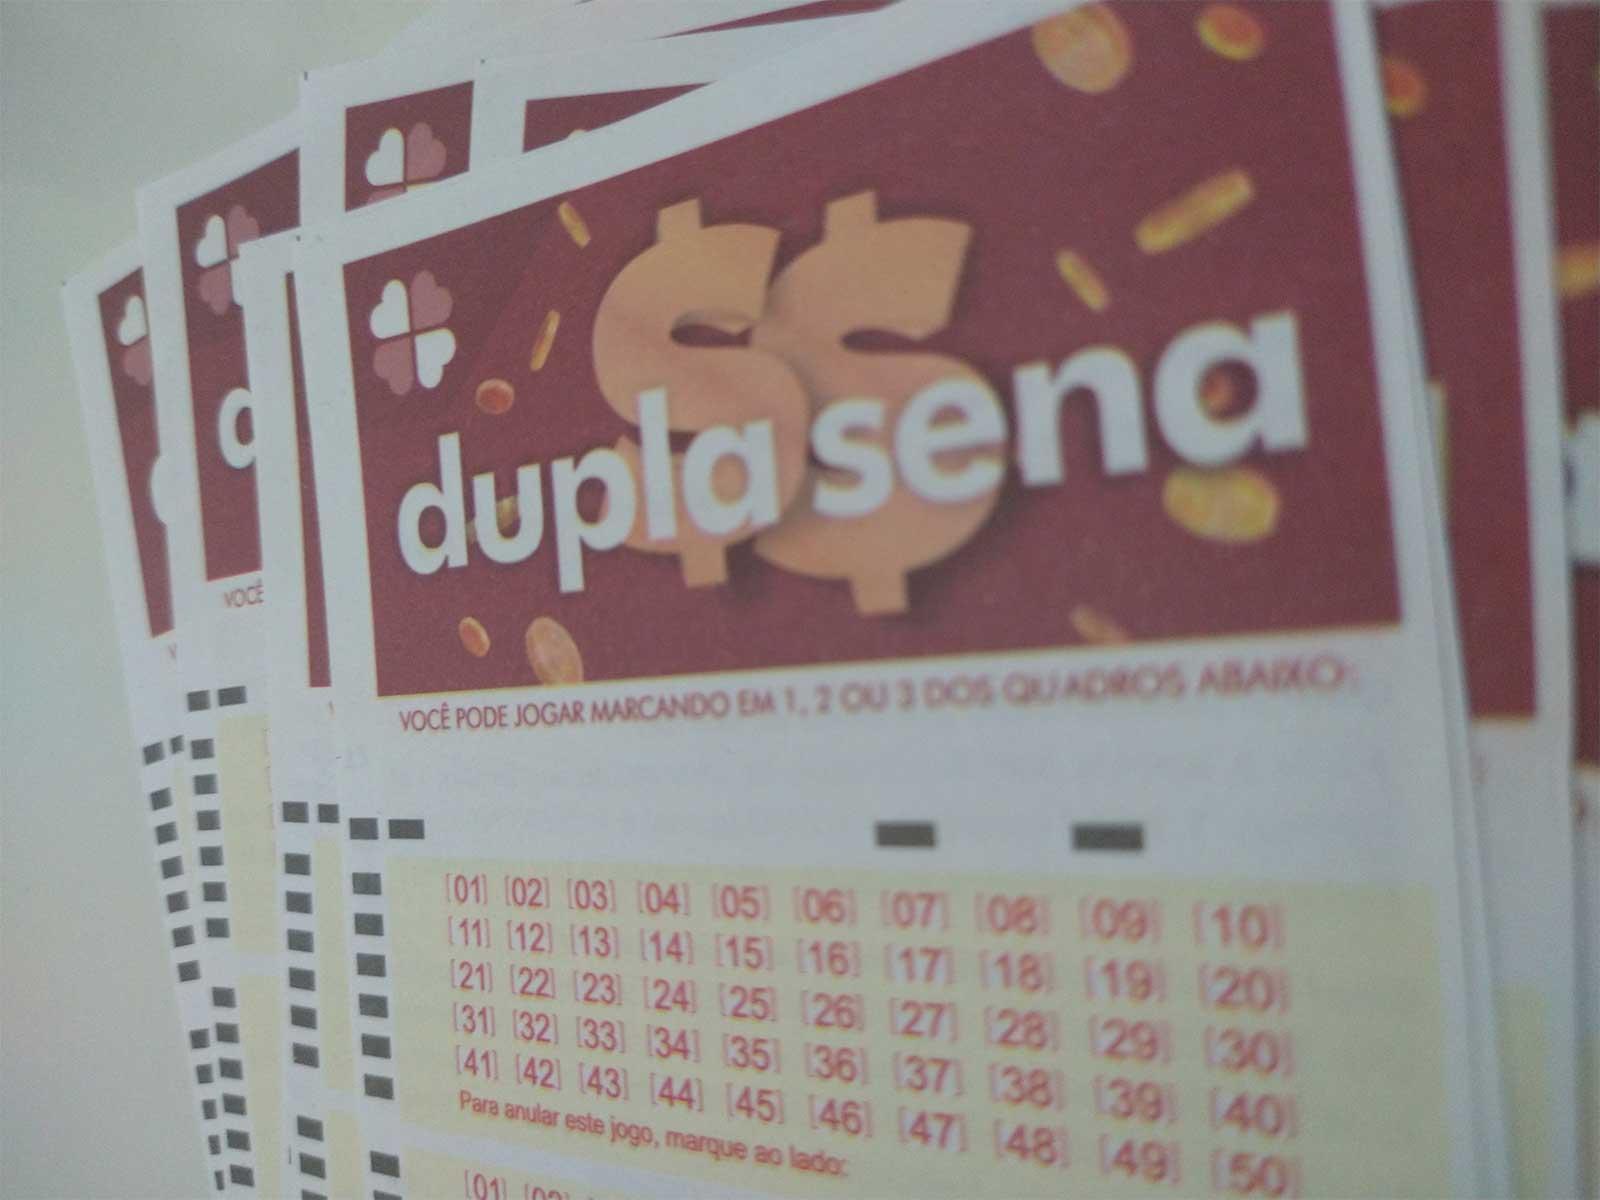 Resultado da Dupla-Sena 2202: números sorteados de hoje 02/03; confira